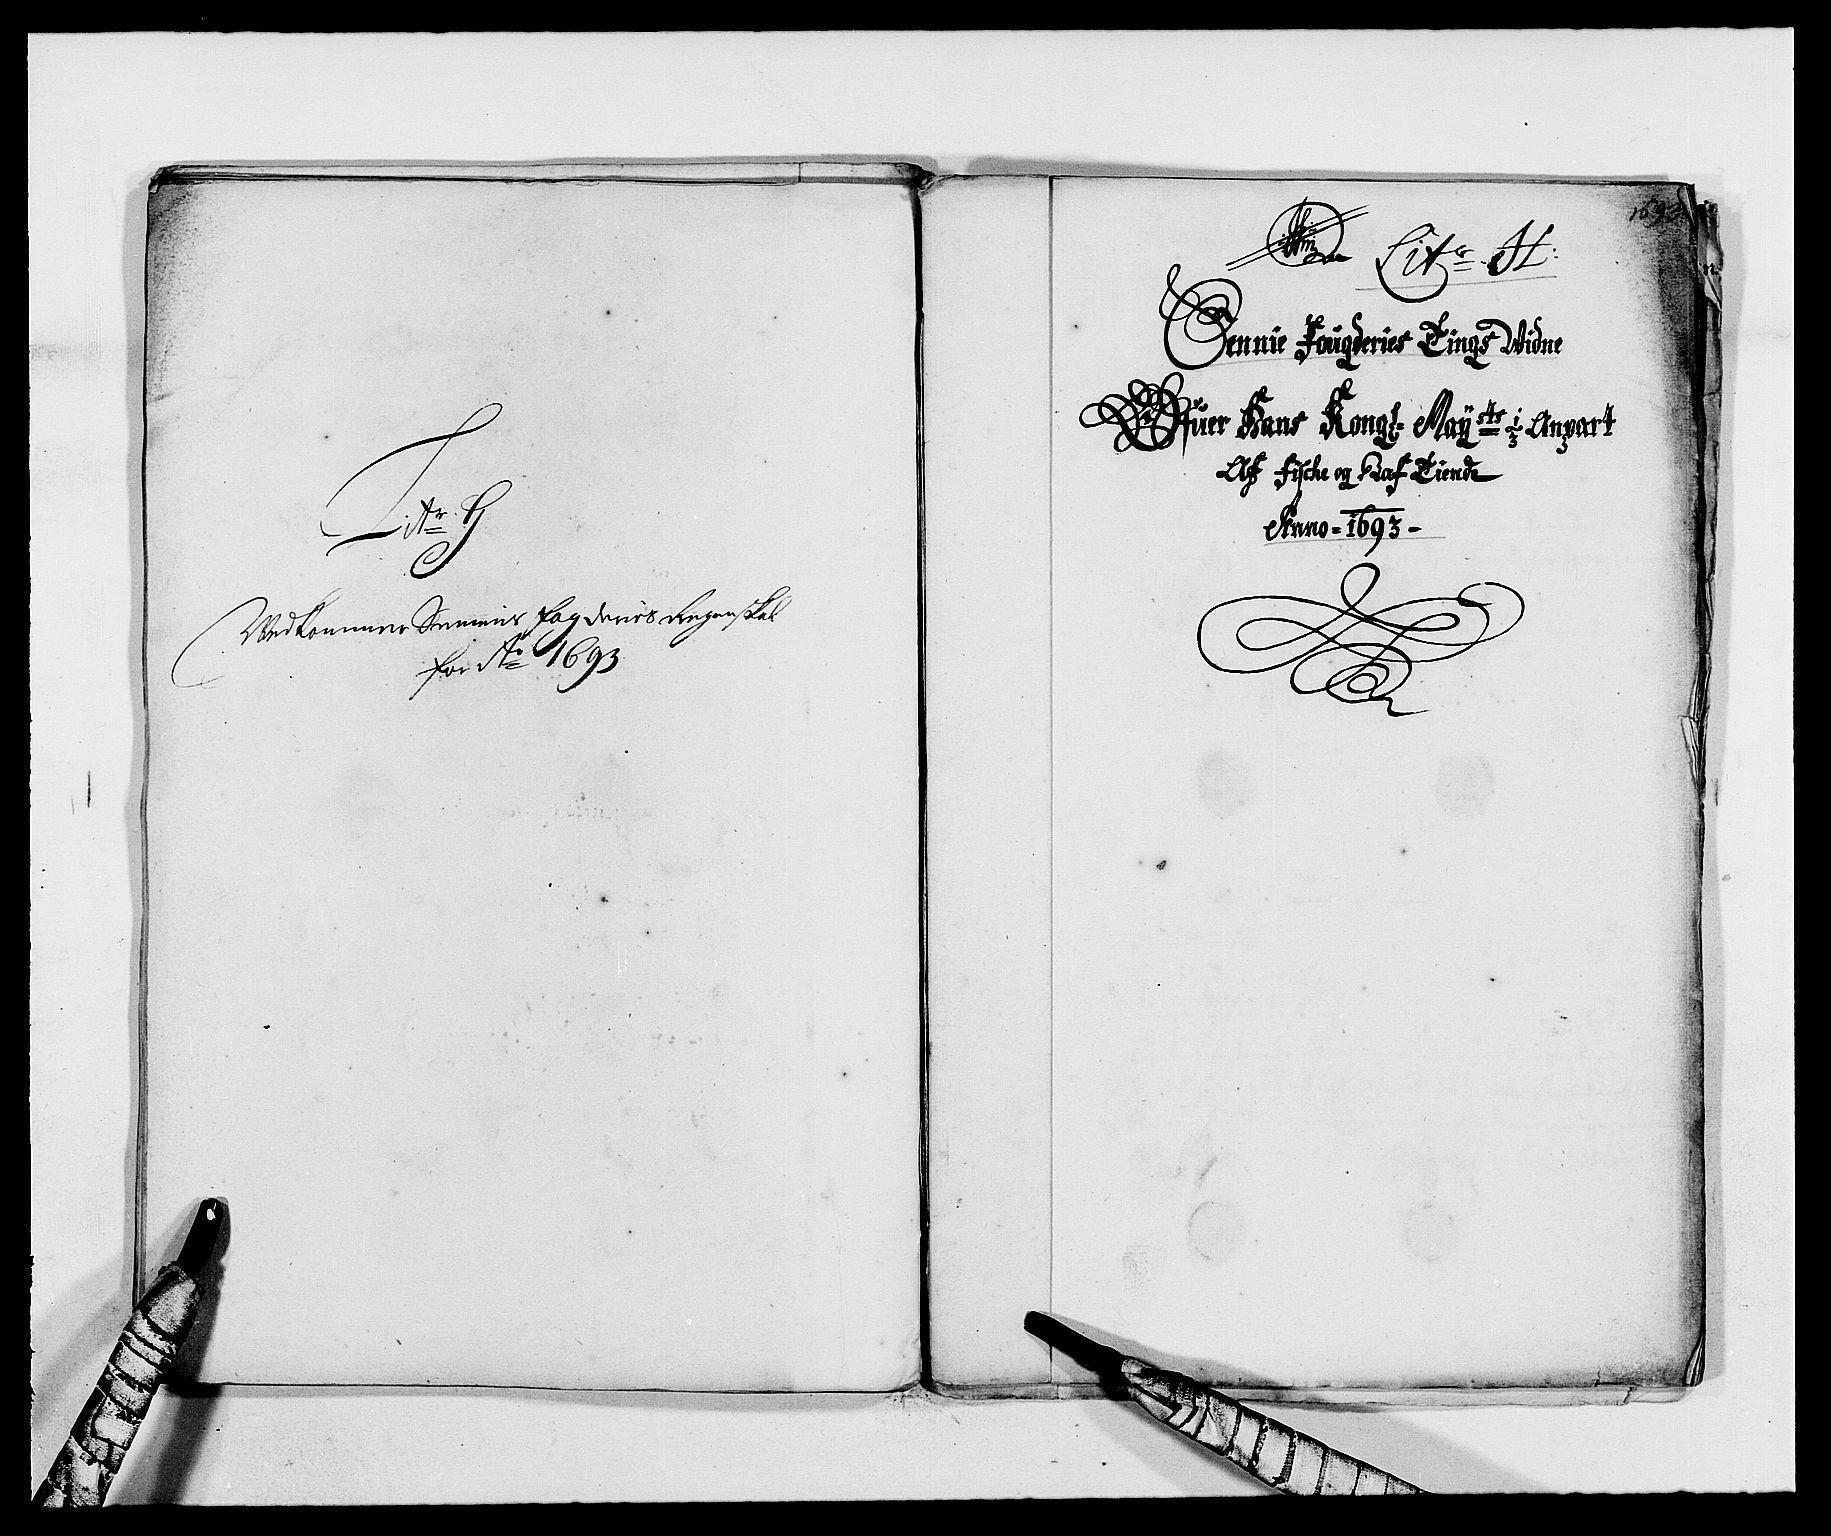 RA, Rentekammeret inntil 1814, Reviderte regnskaper, Fogderegnskap, R68/L4752: Fogderegnskap Senja og Troms, 1691-1693, s. 406